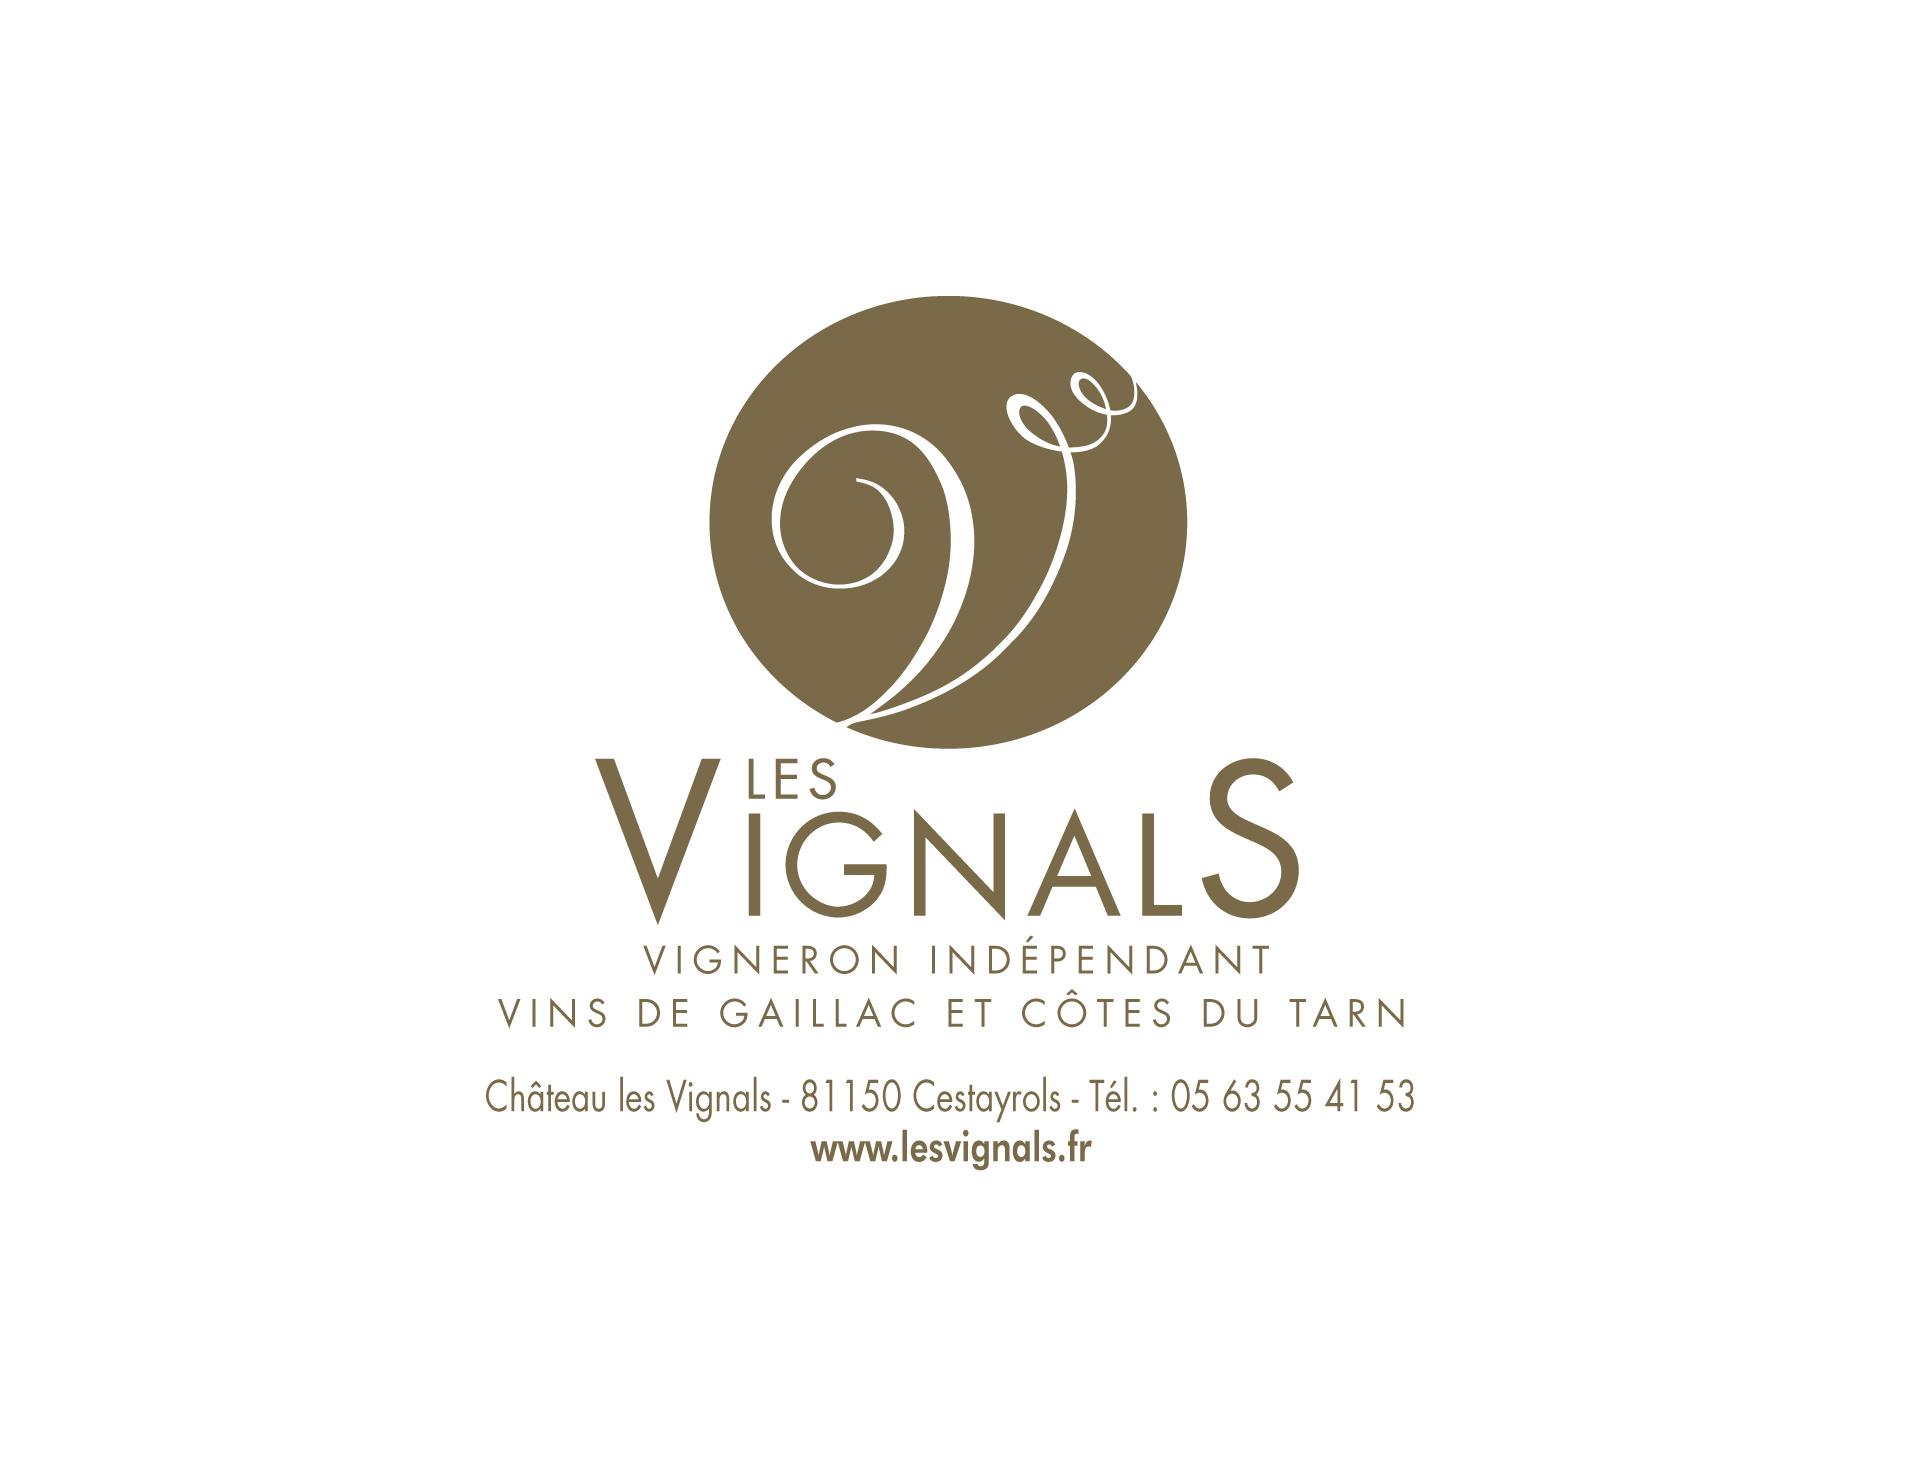 Les Vignals